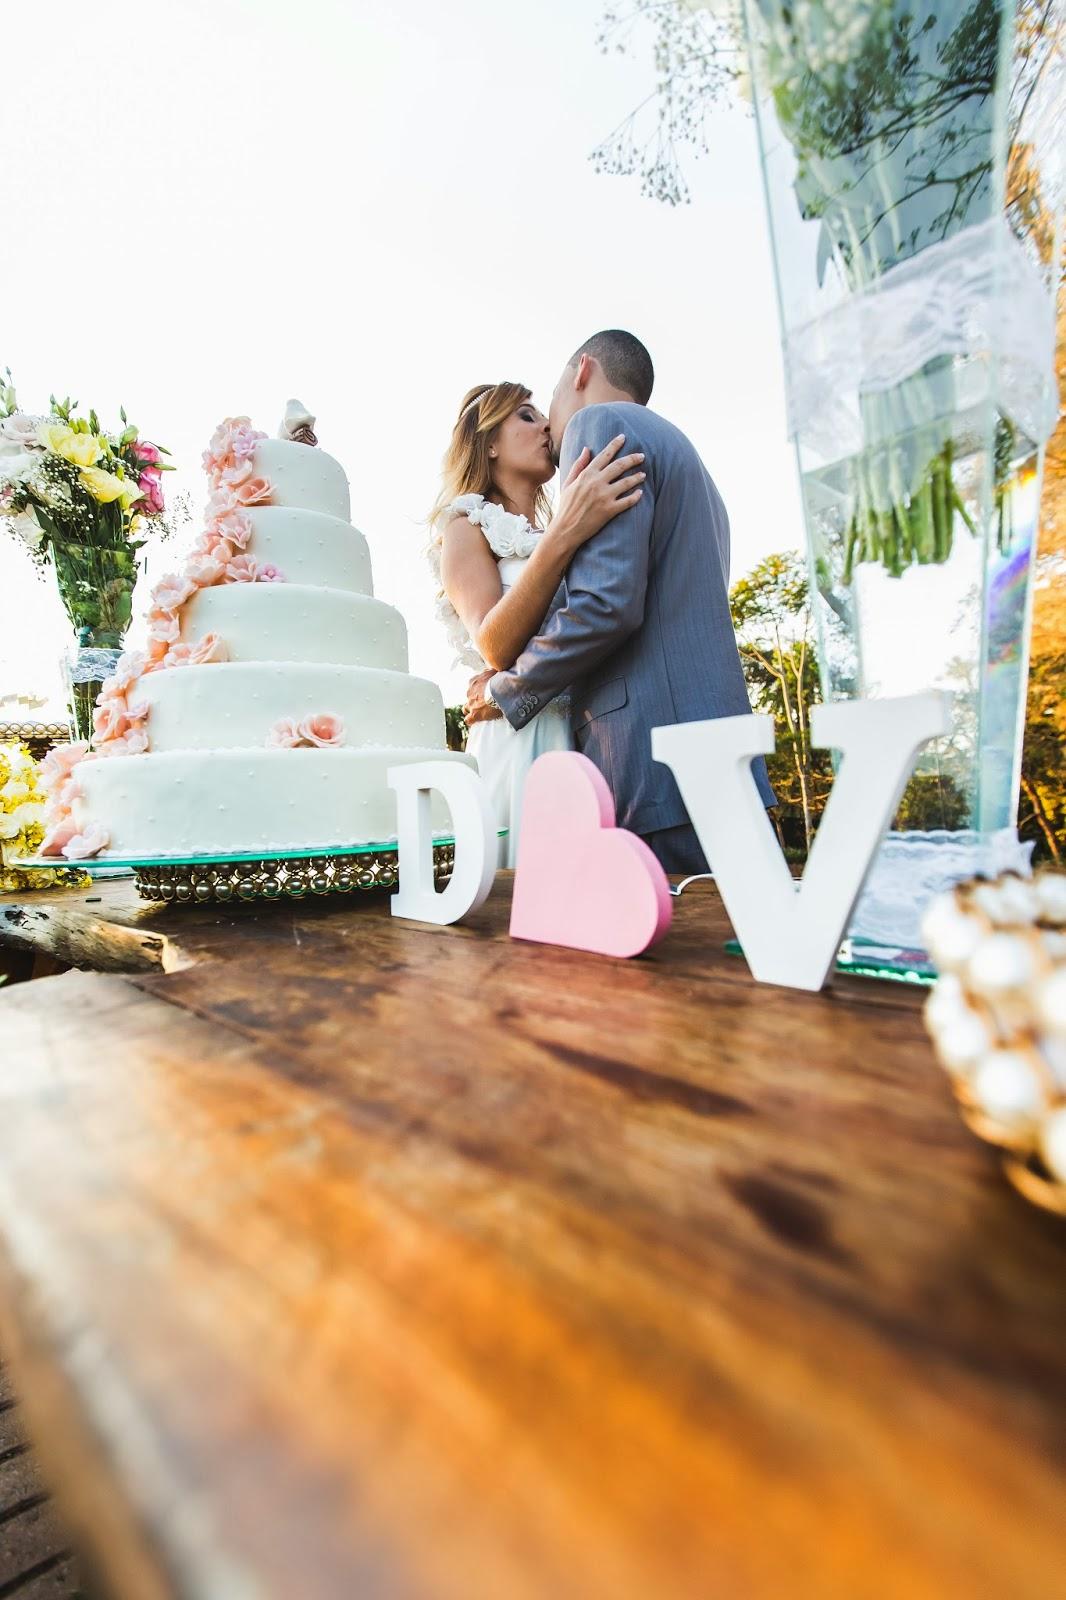 noivos - mesa bolo - bolo - doces - palavra mdf - iniciais noivos mdf - casamento de dia - casamento ao ar livre